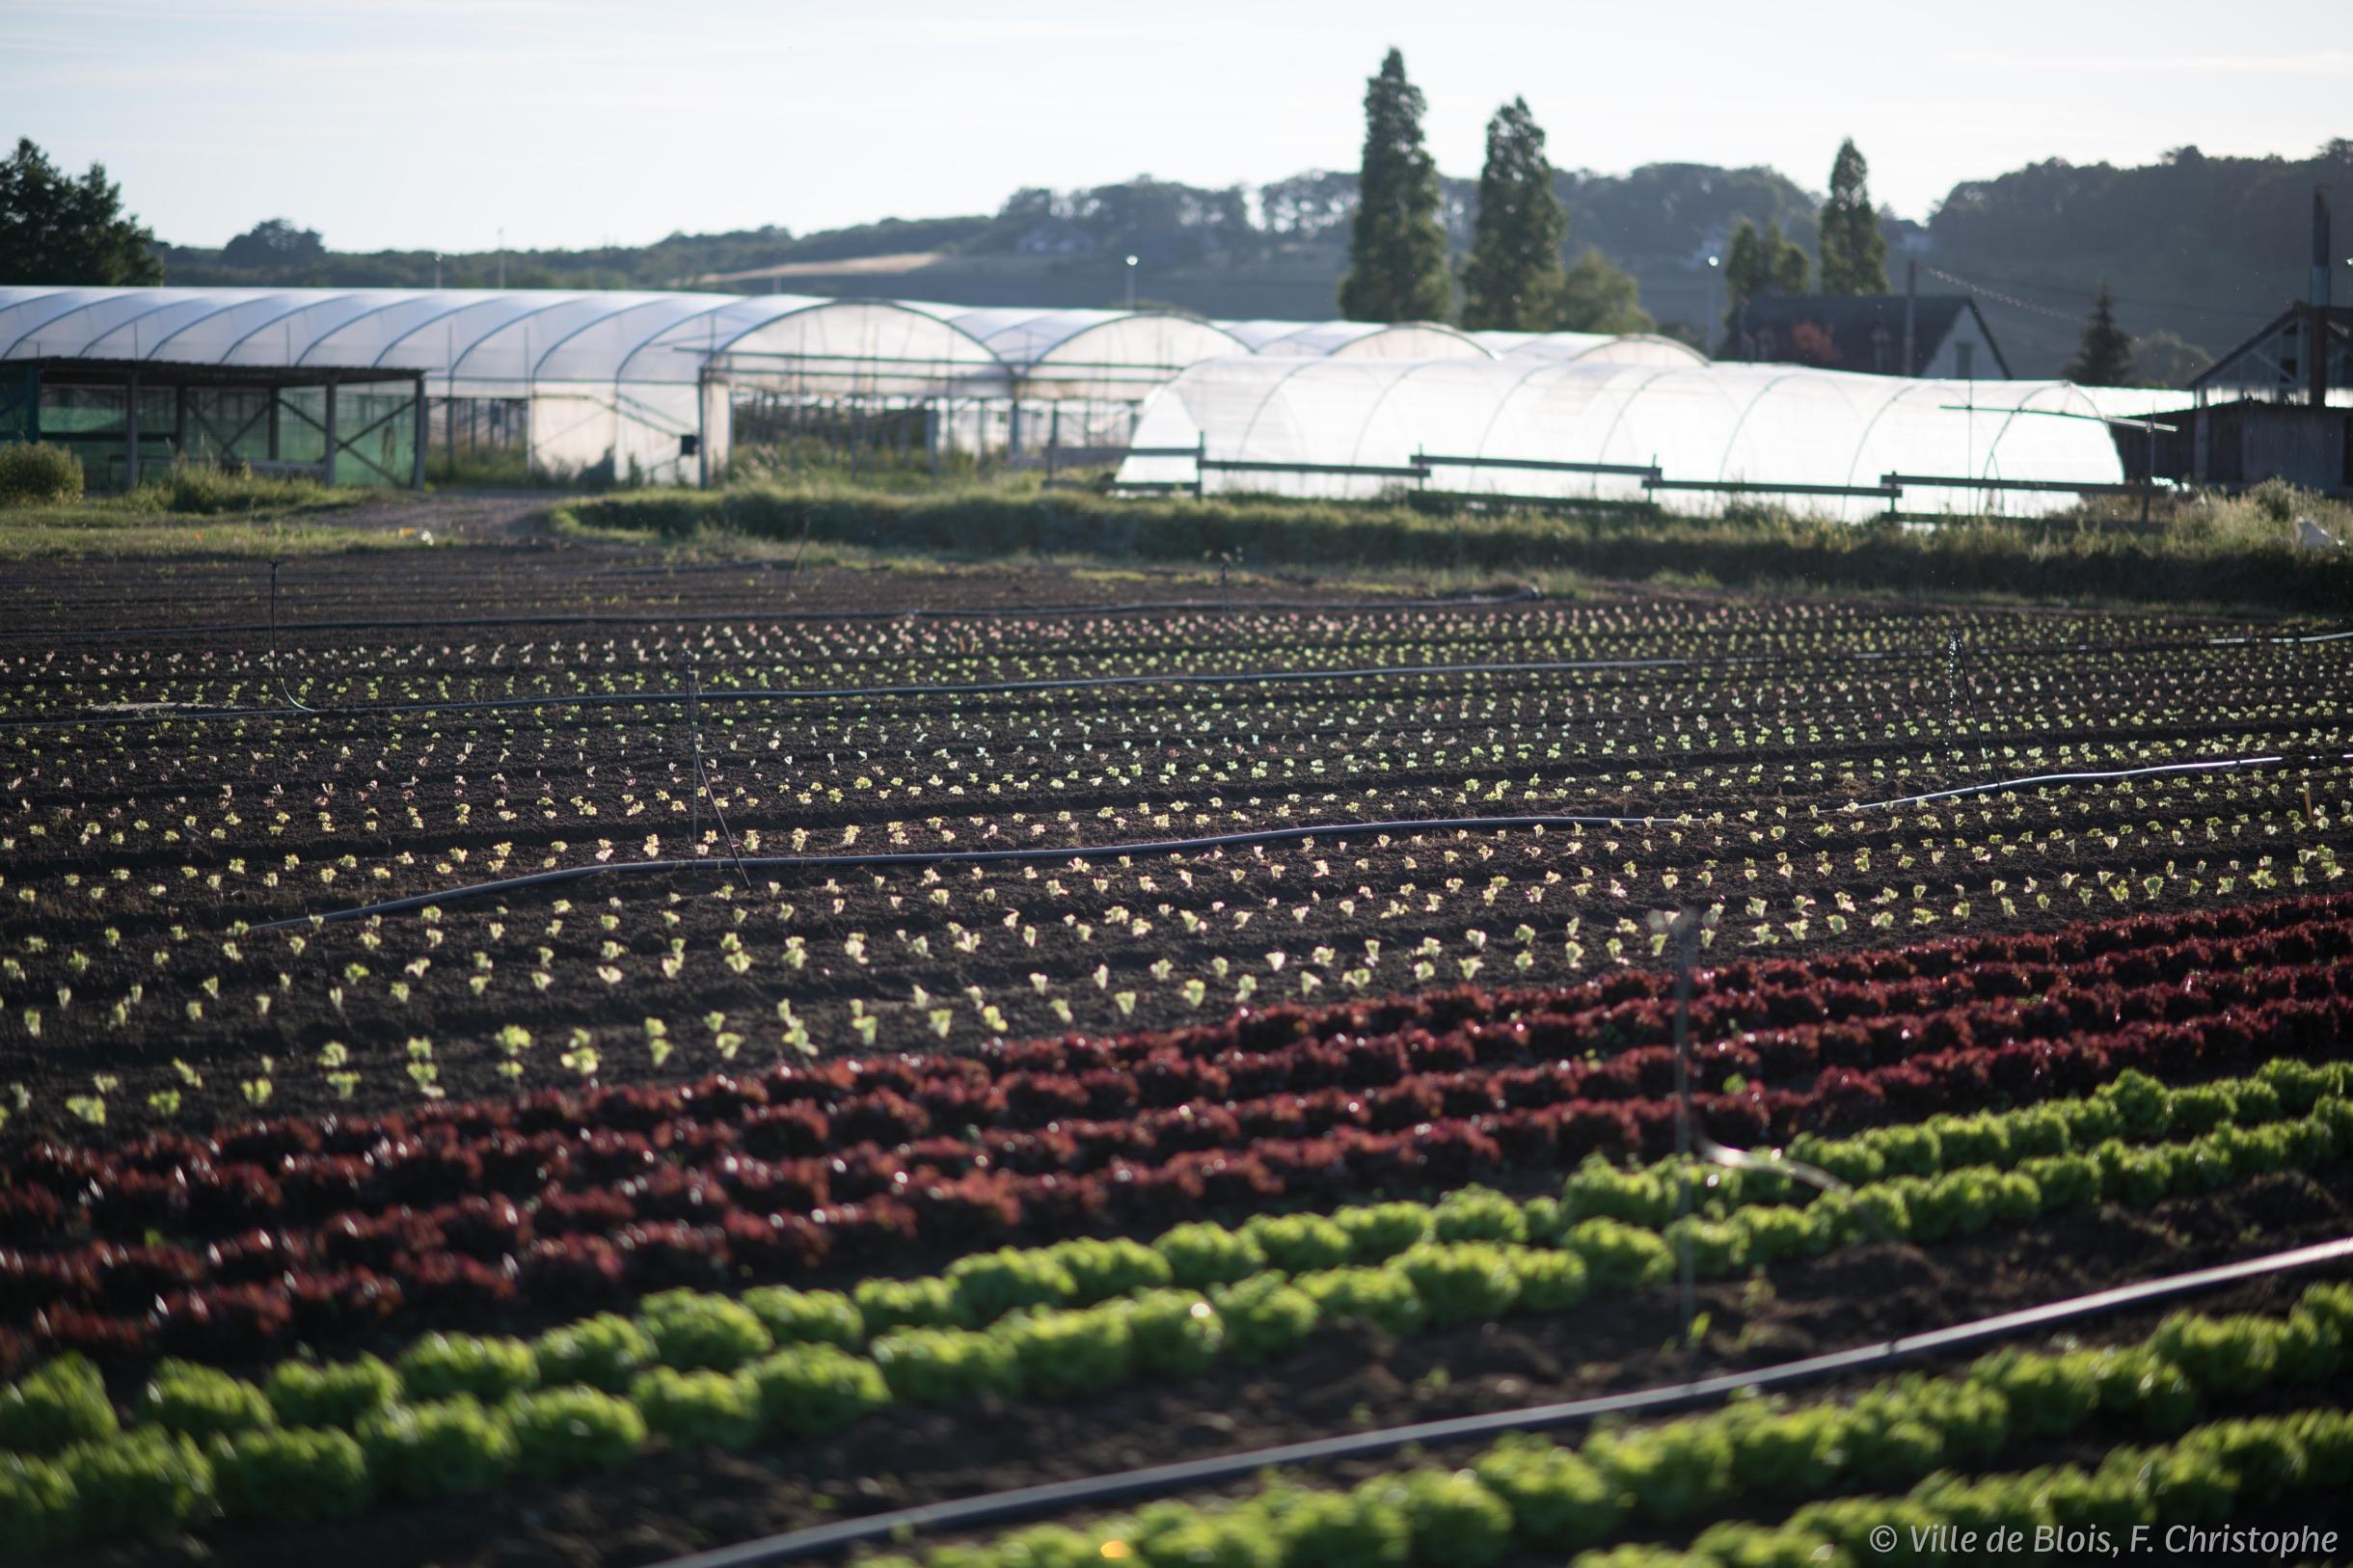 Terrains d'agriculture biologique où des légumes poussent, avec des serres en arrière-plan.